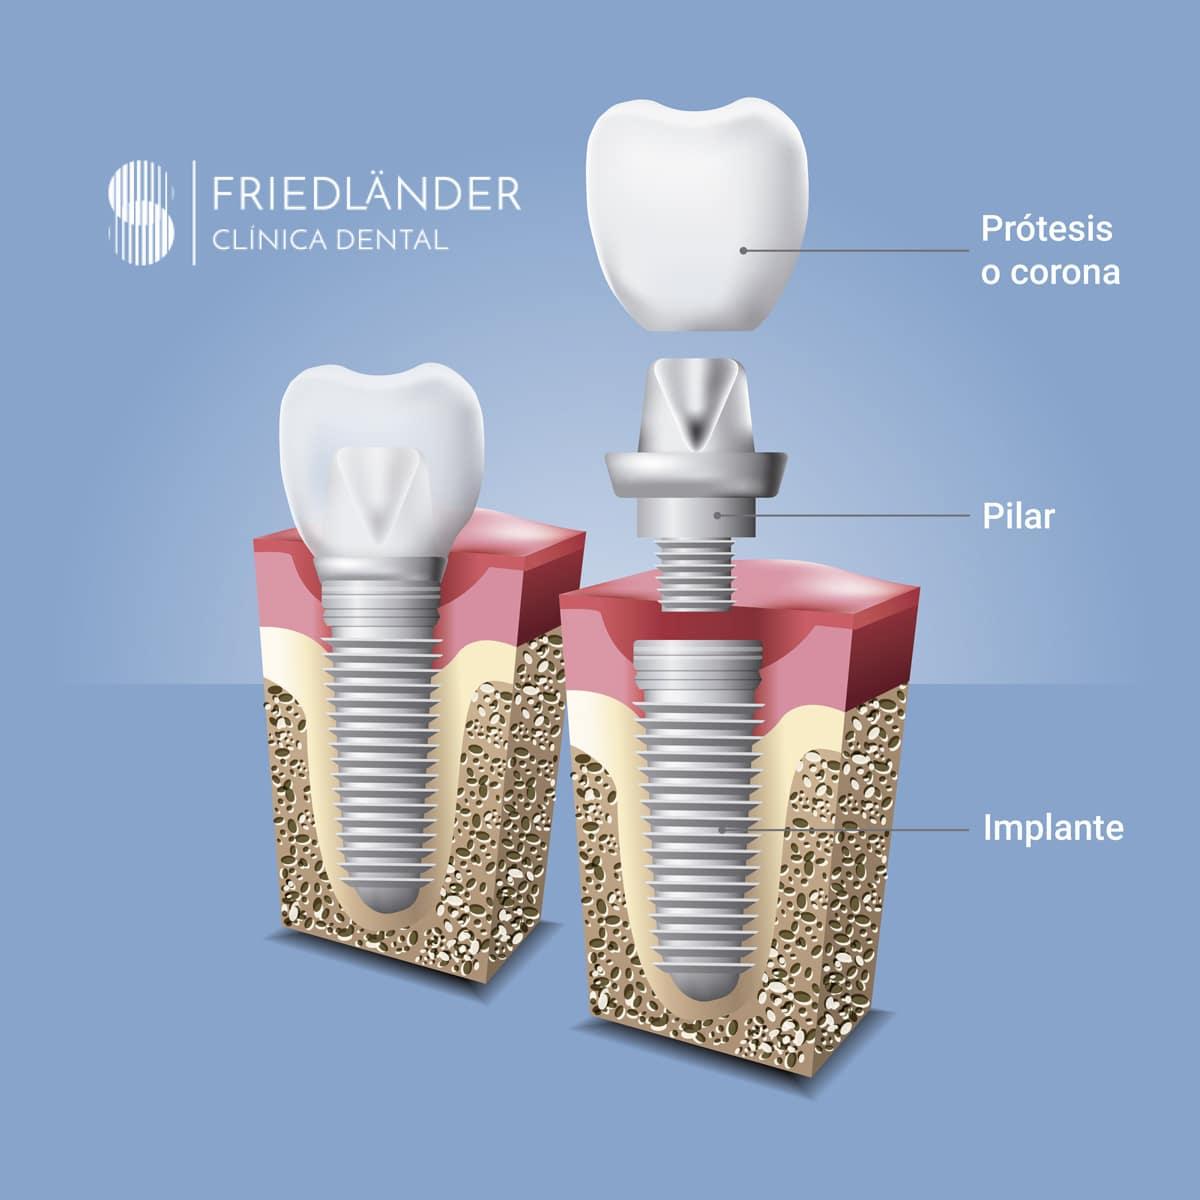 Resolvemos tus dudas sobre Implantes dentales 1